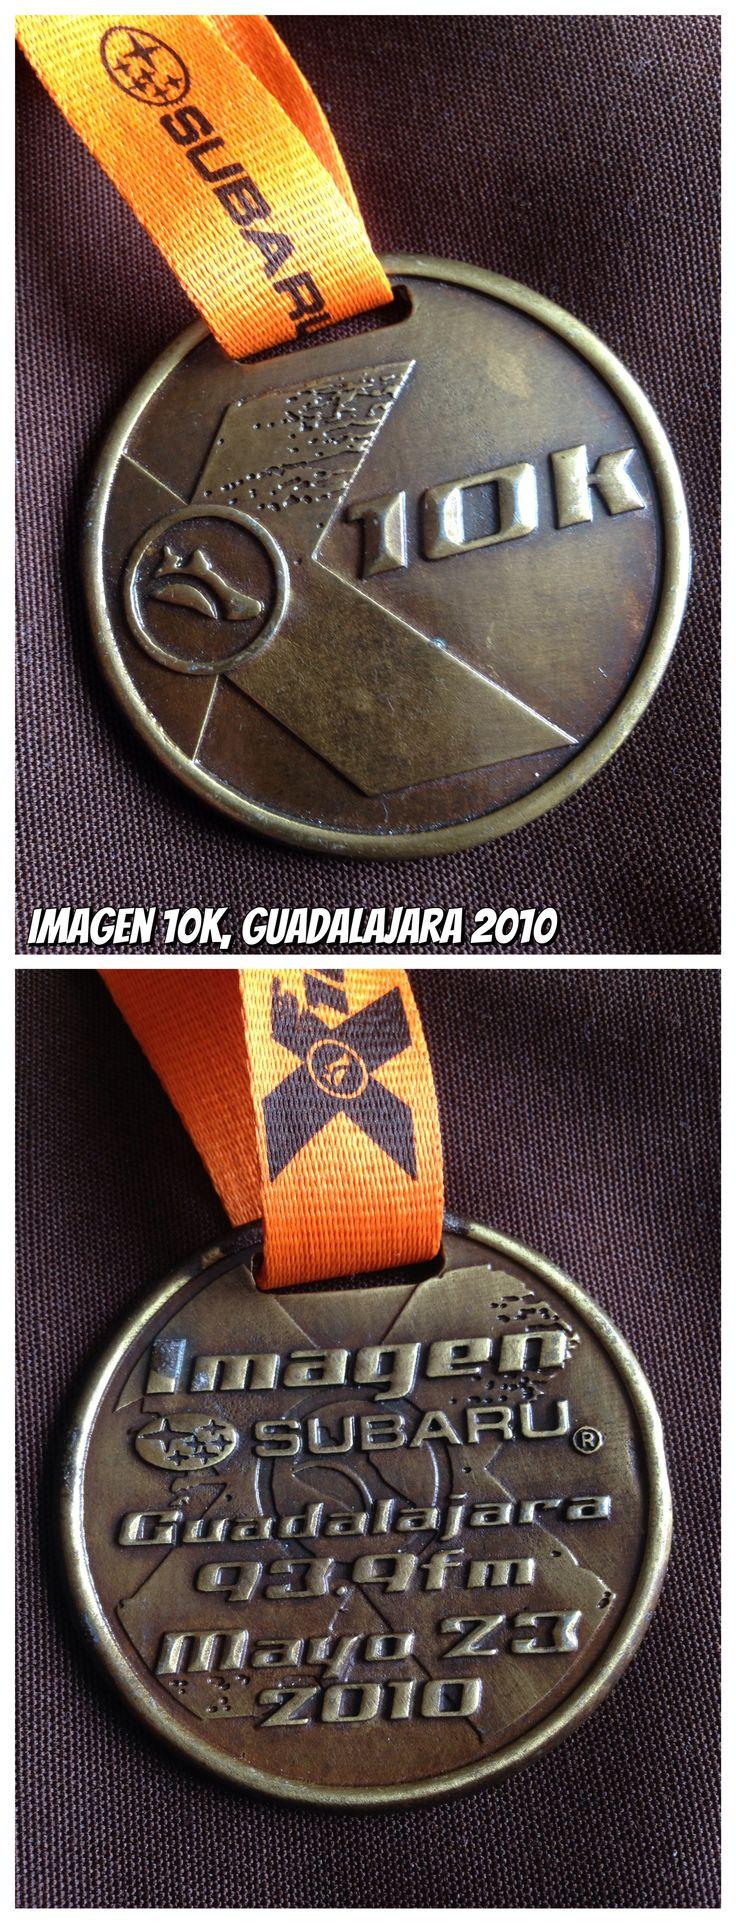 Imagen 10K @ Guadalajara 2010